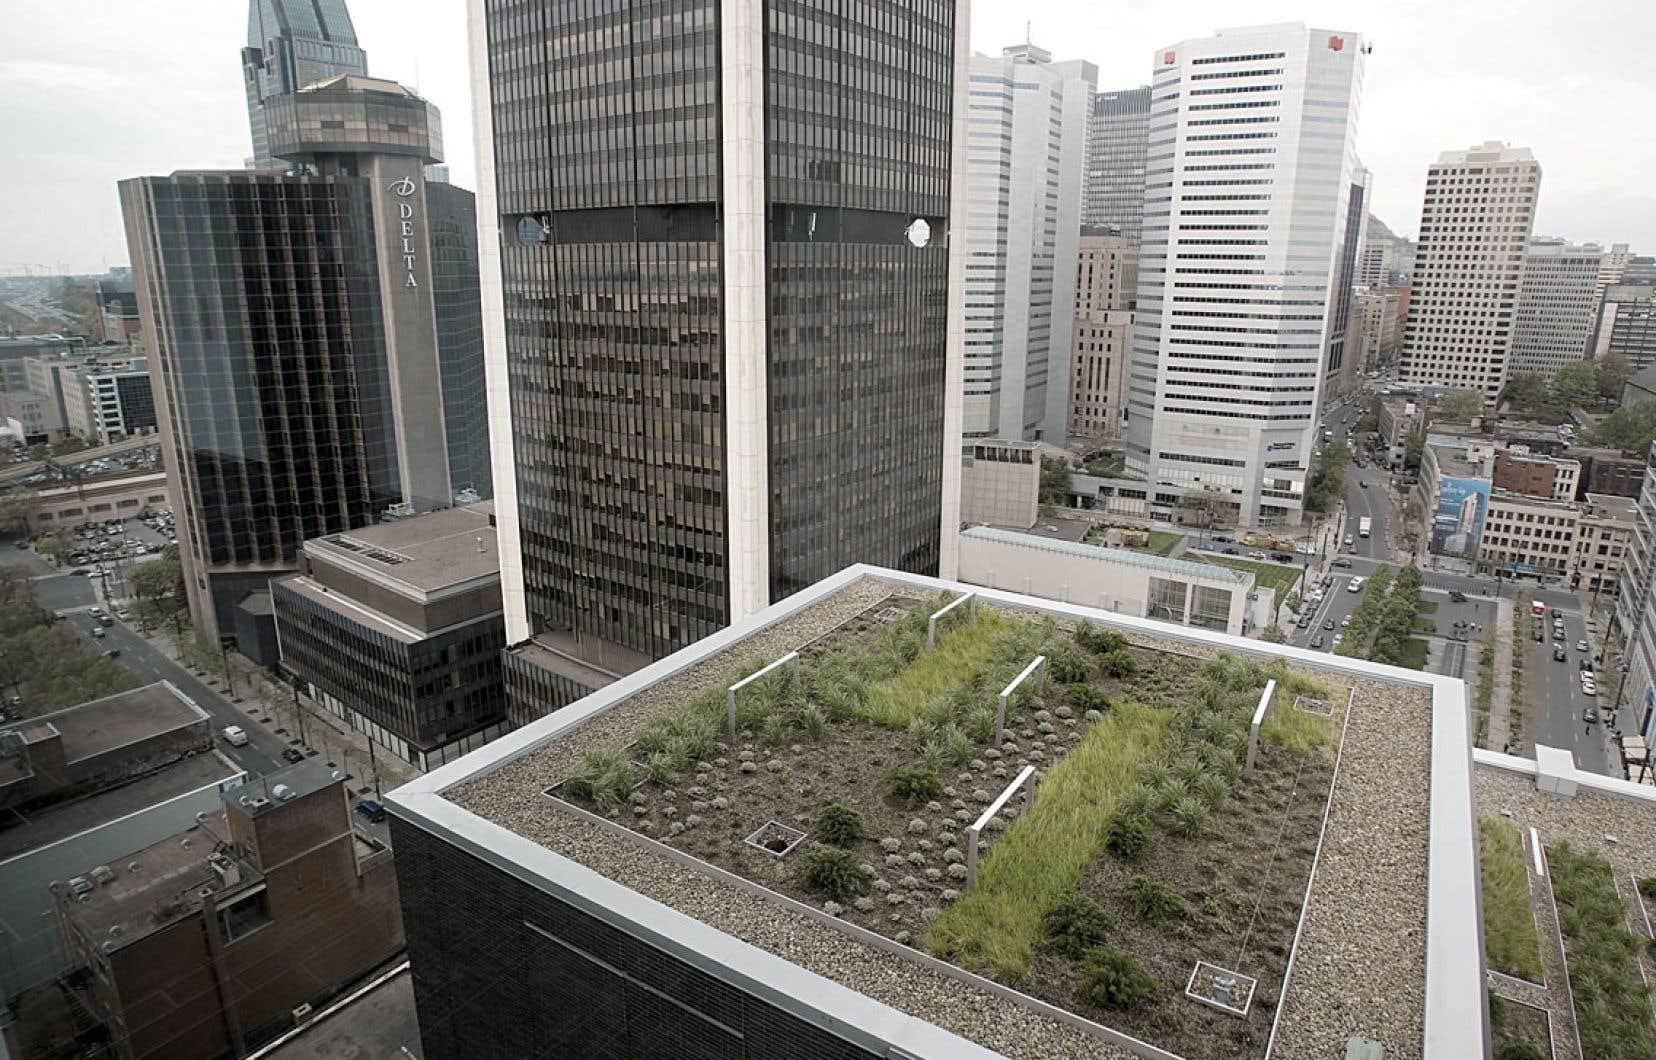 Alors que le gouvernement incite les citoyens à construire des toits verts, dans les faits, le Code national du bâtiment ne les permet actuellement pas. Pour les grands projets, la procédure de dérogation est longue et exigeante. Ci-dessus, une toiture montréalaise.